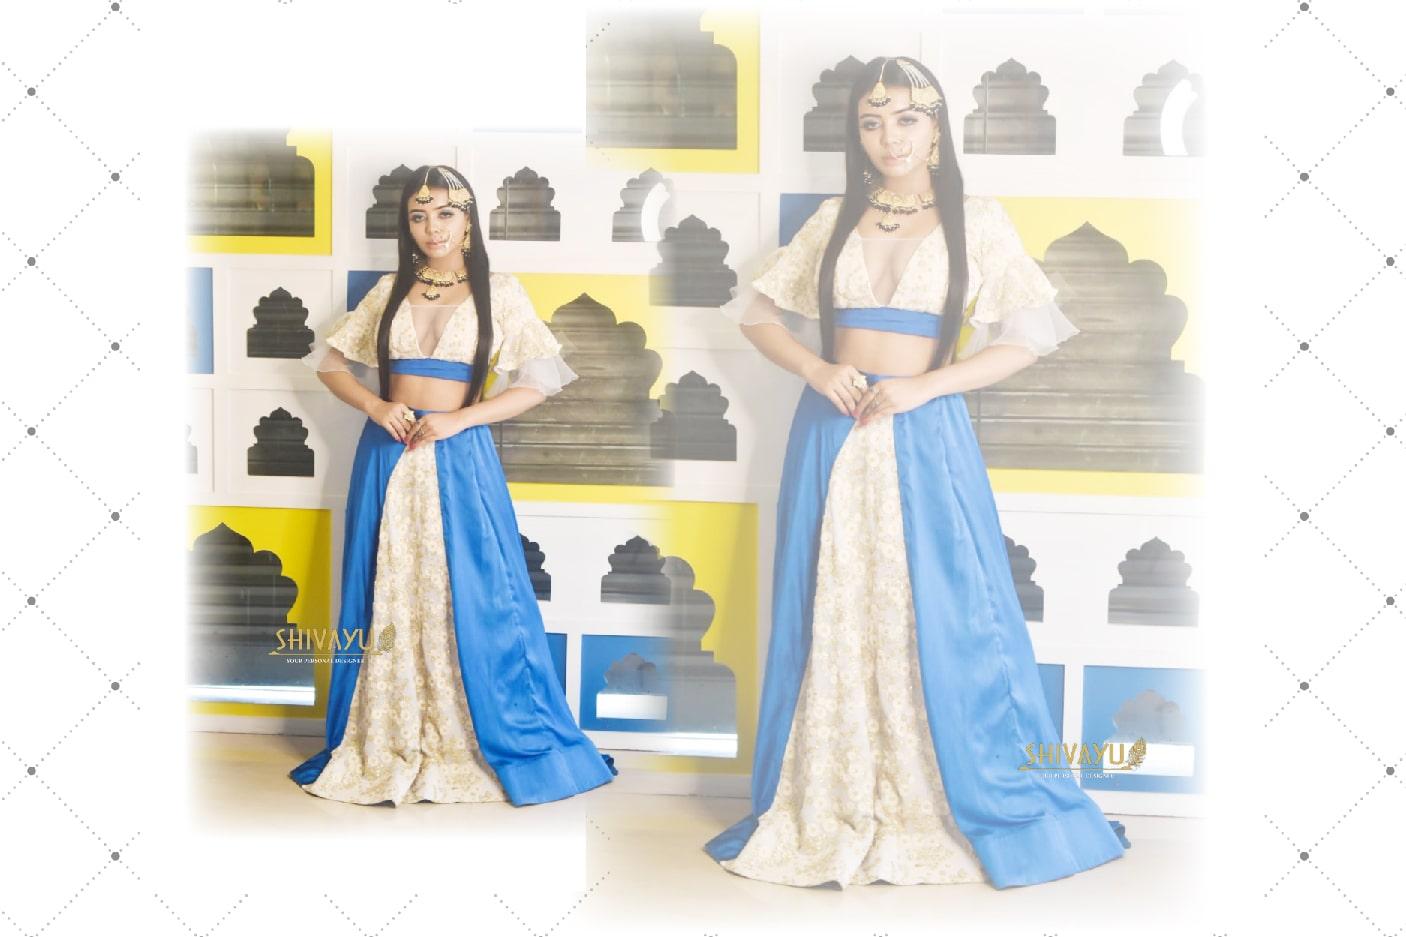 Shivayu